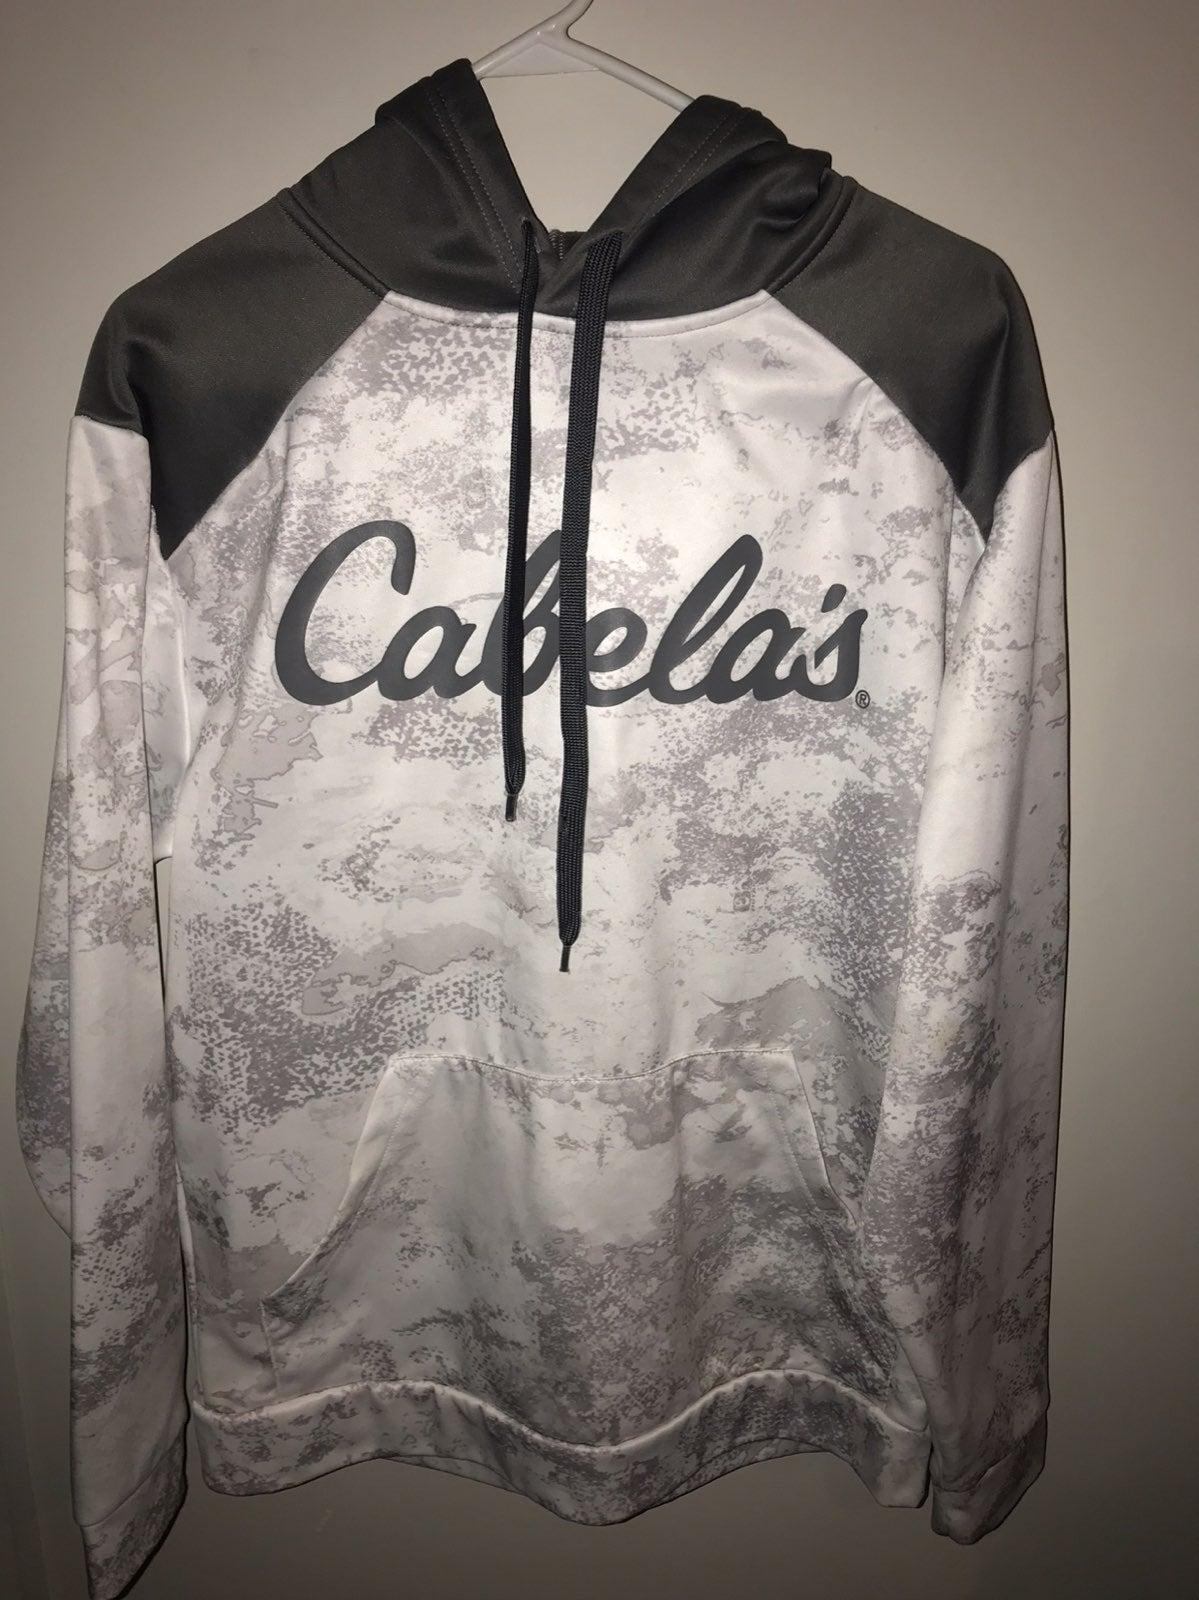 Cabela's hoodie